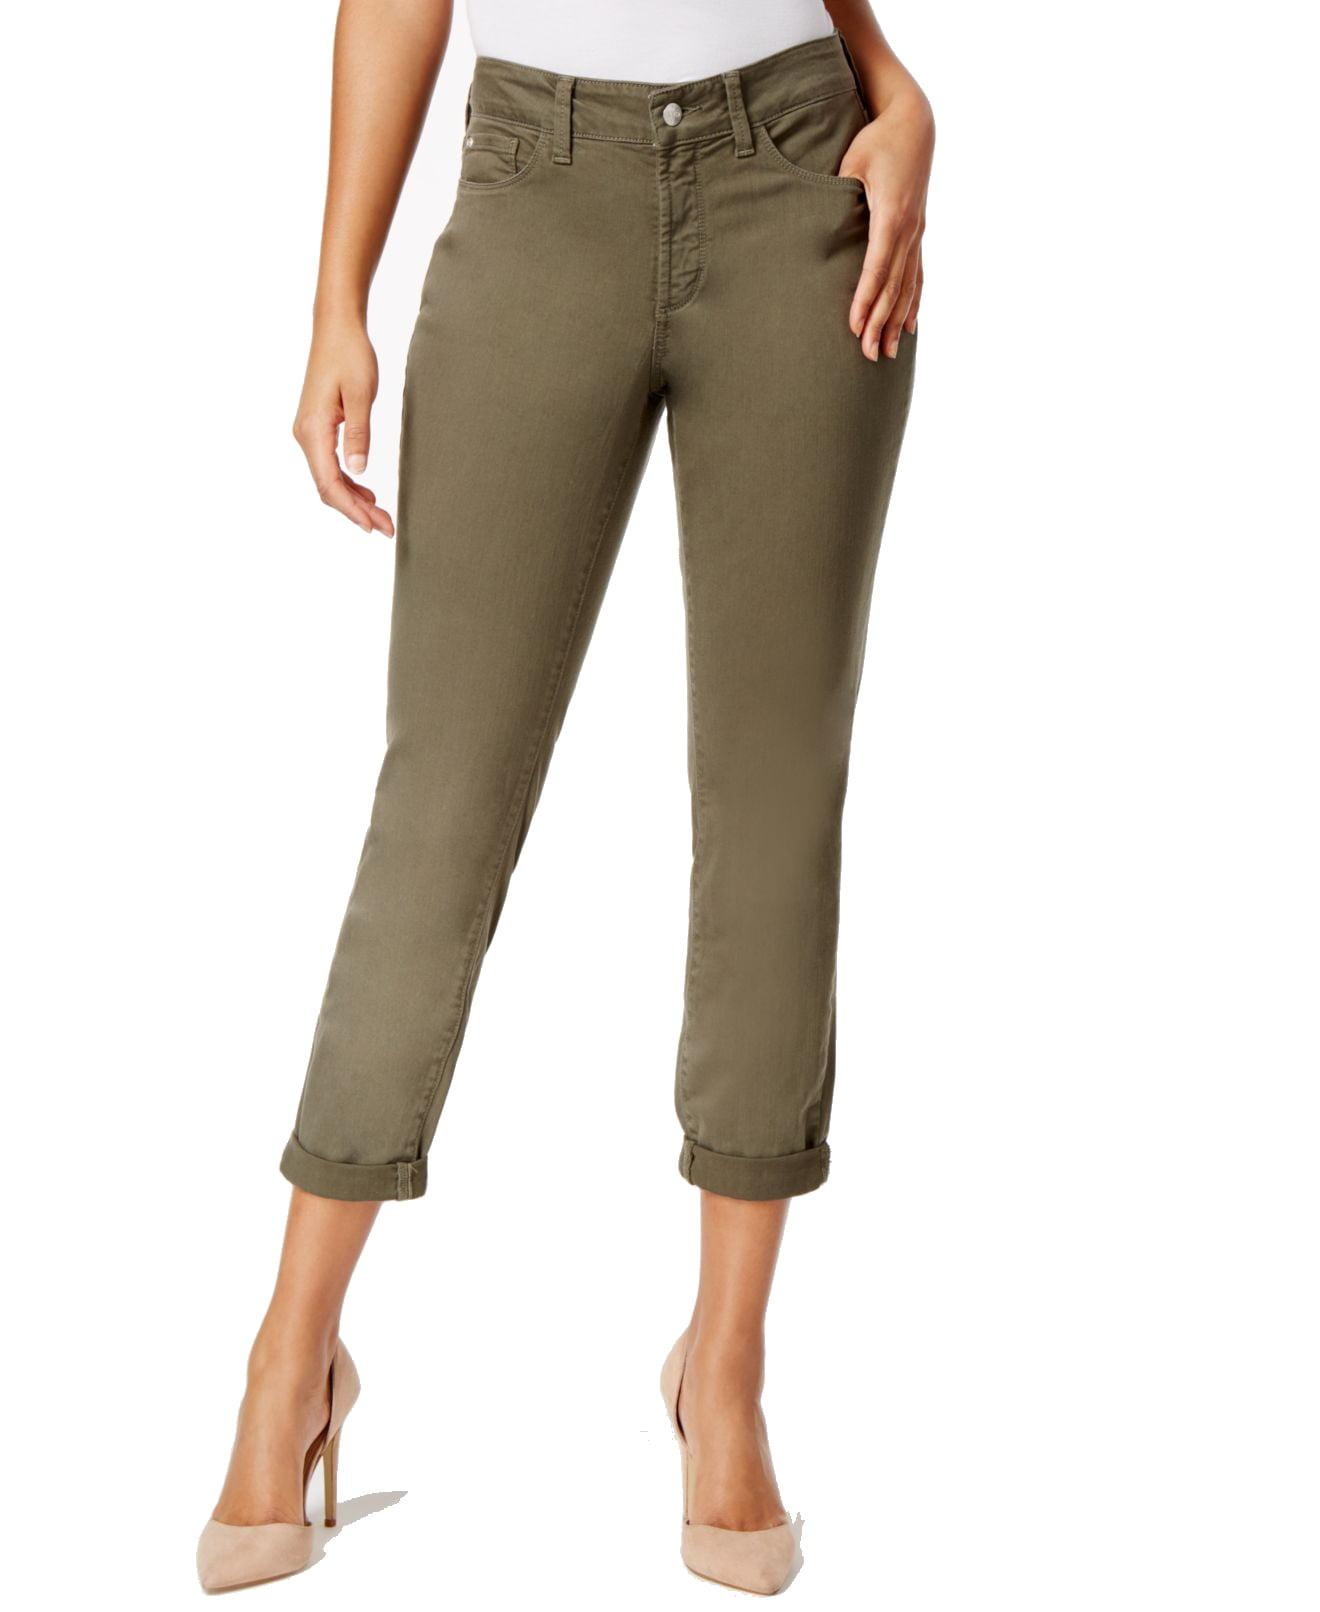 NYDJ NEW Women's Size 2 Tummy Control Slim Skinny Stretch Jeans